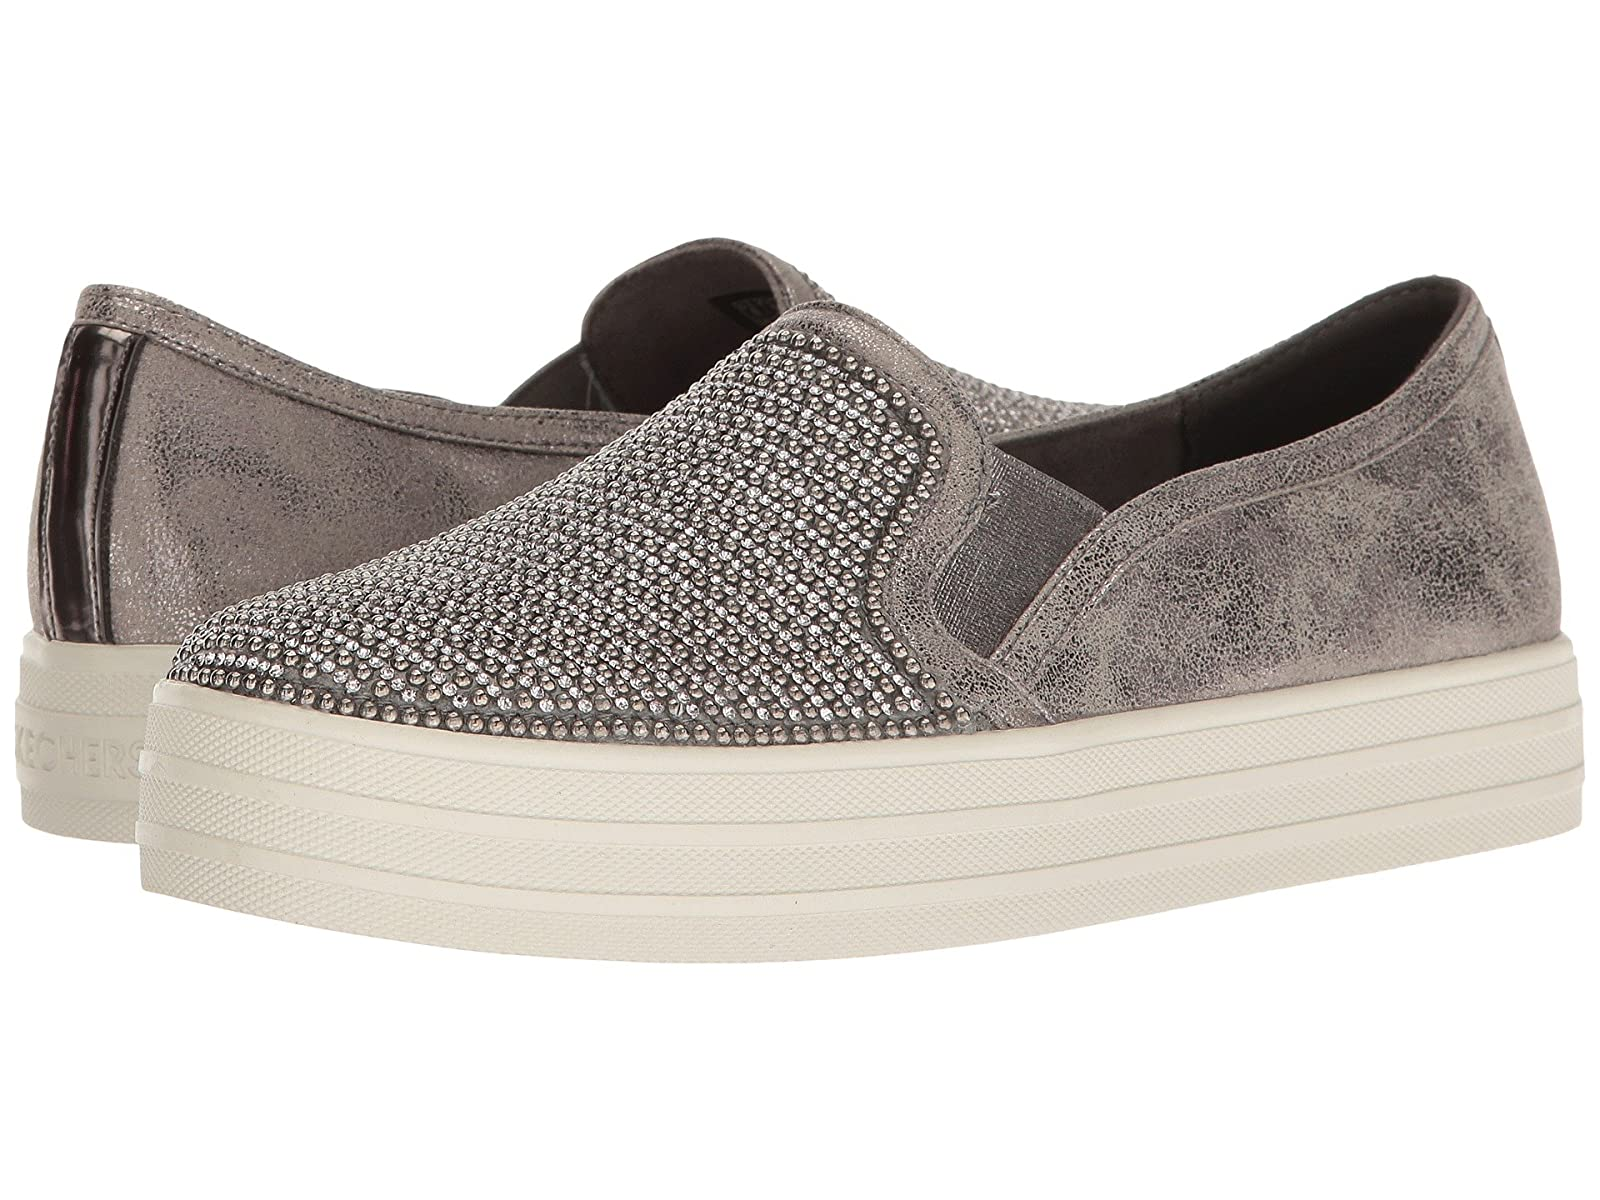 SKECHERS OG 97 - Shiny DancerAtmospheric grades have affordable shoes